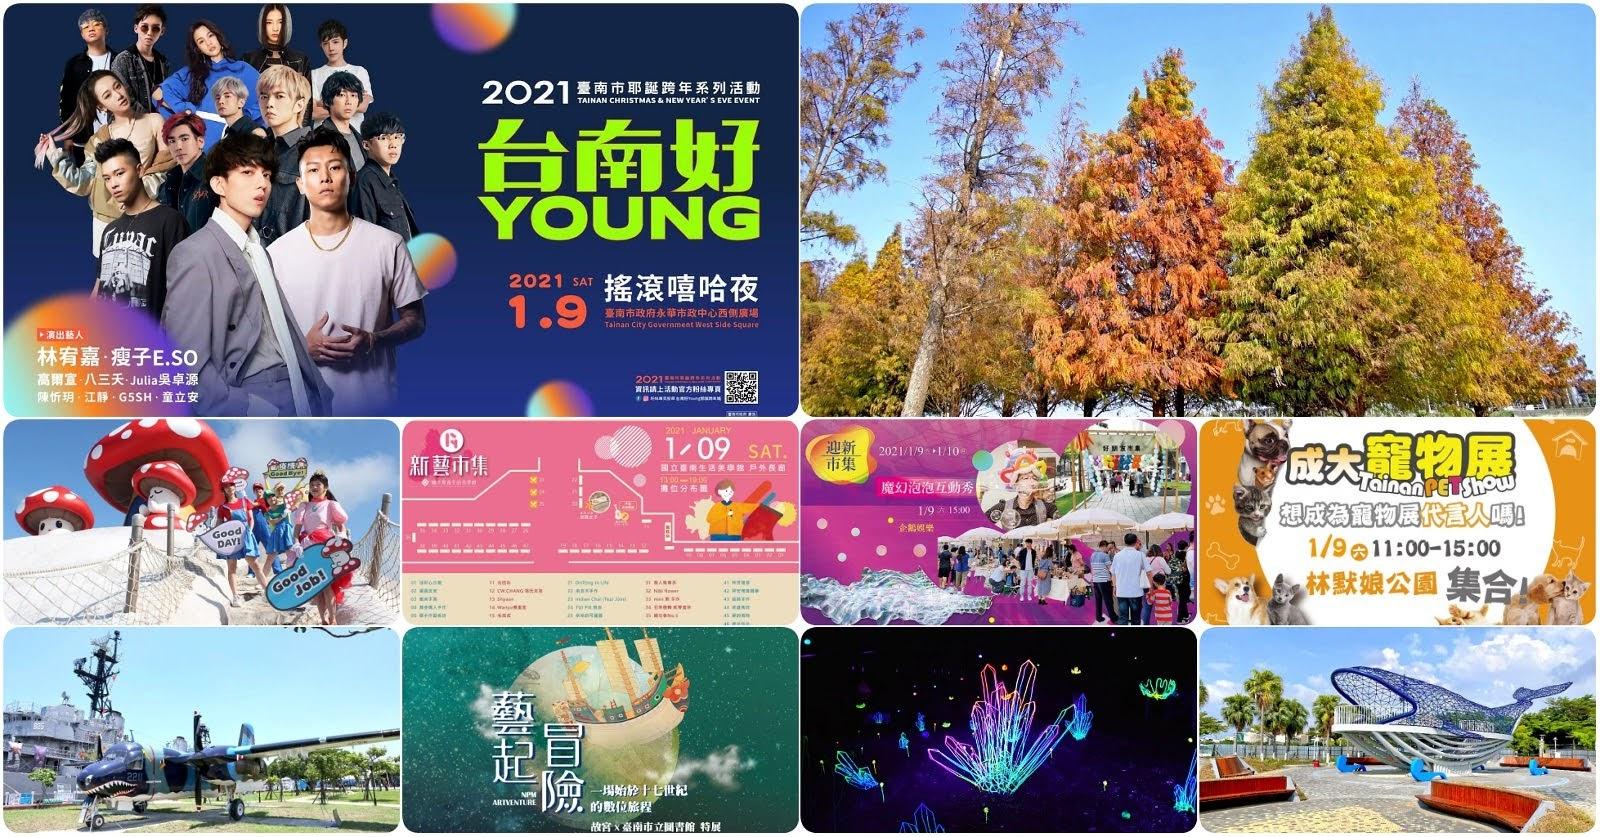 [活動] 2021/1/9-/1/10|台南週末活動整理|本週末資訊數:73